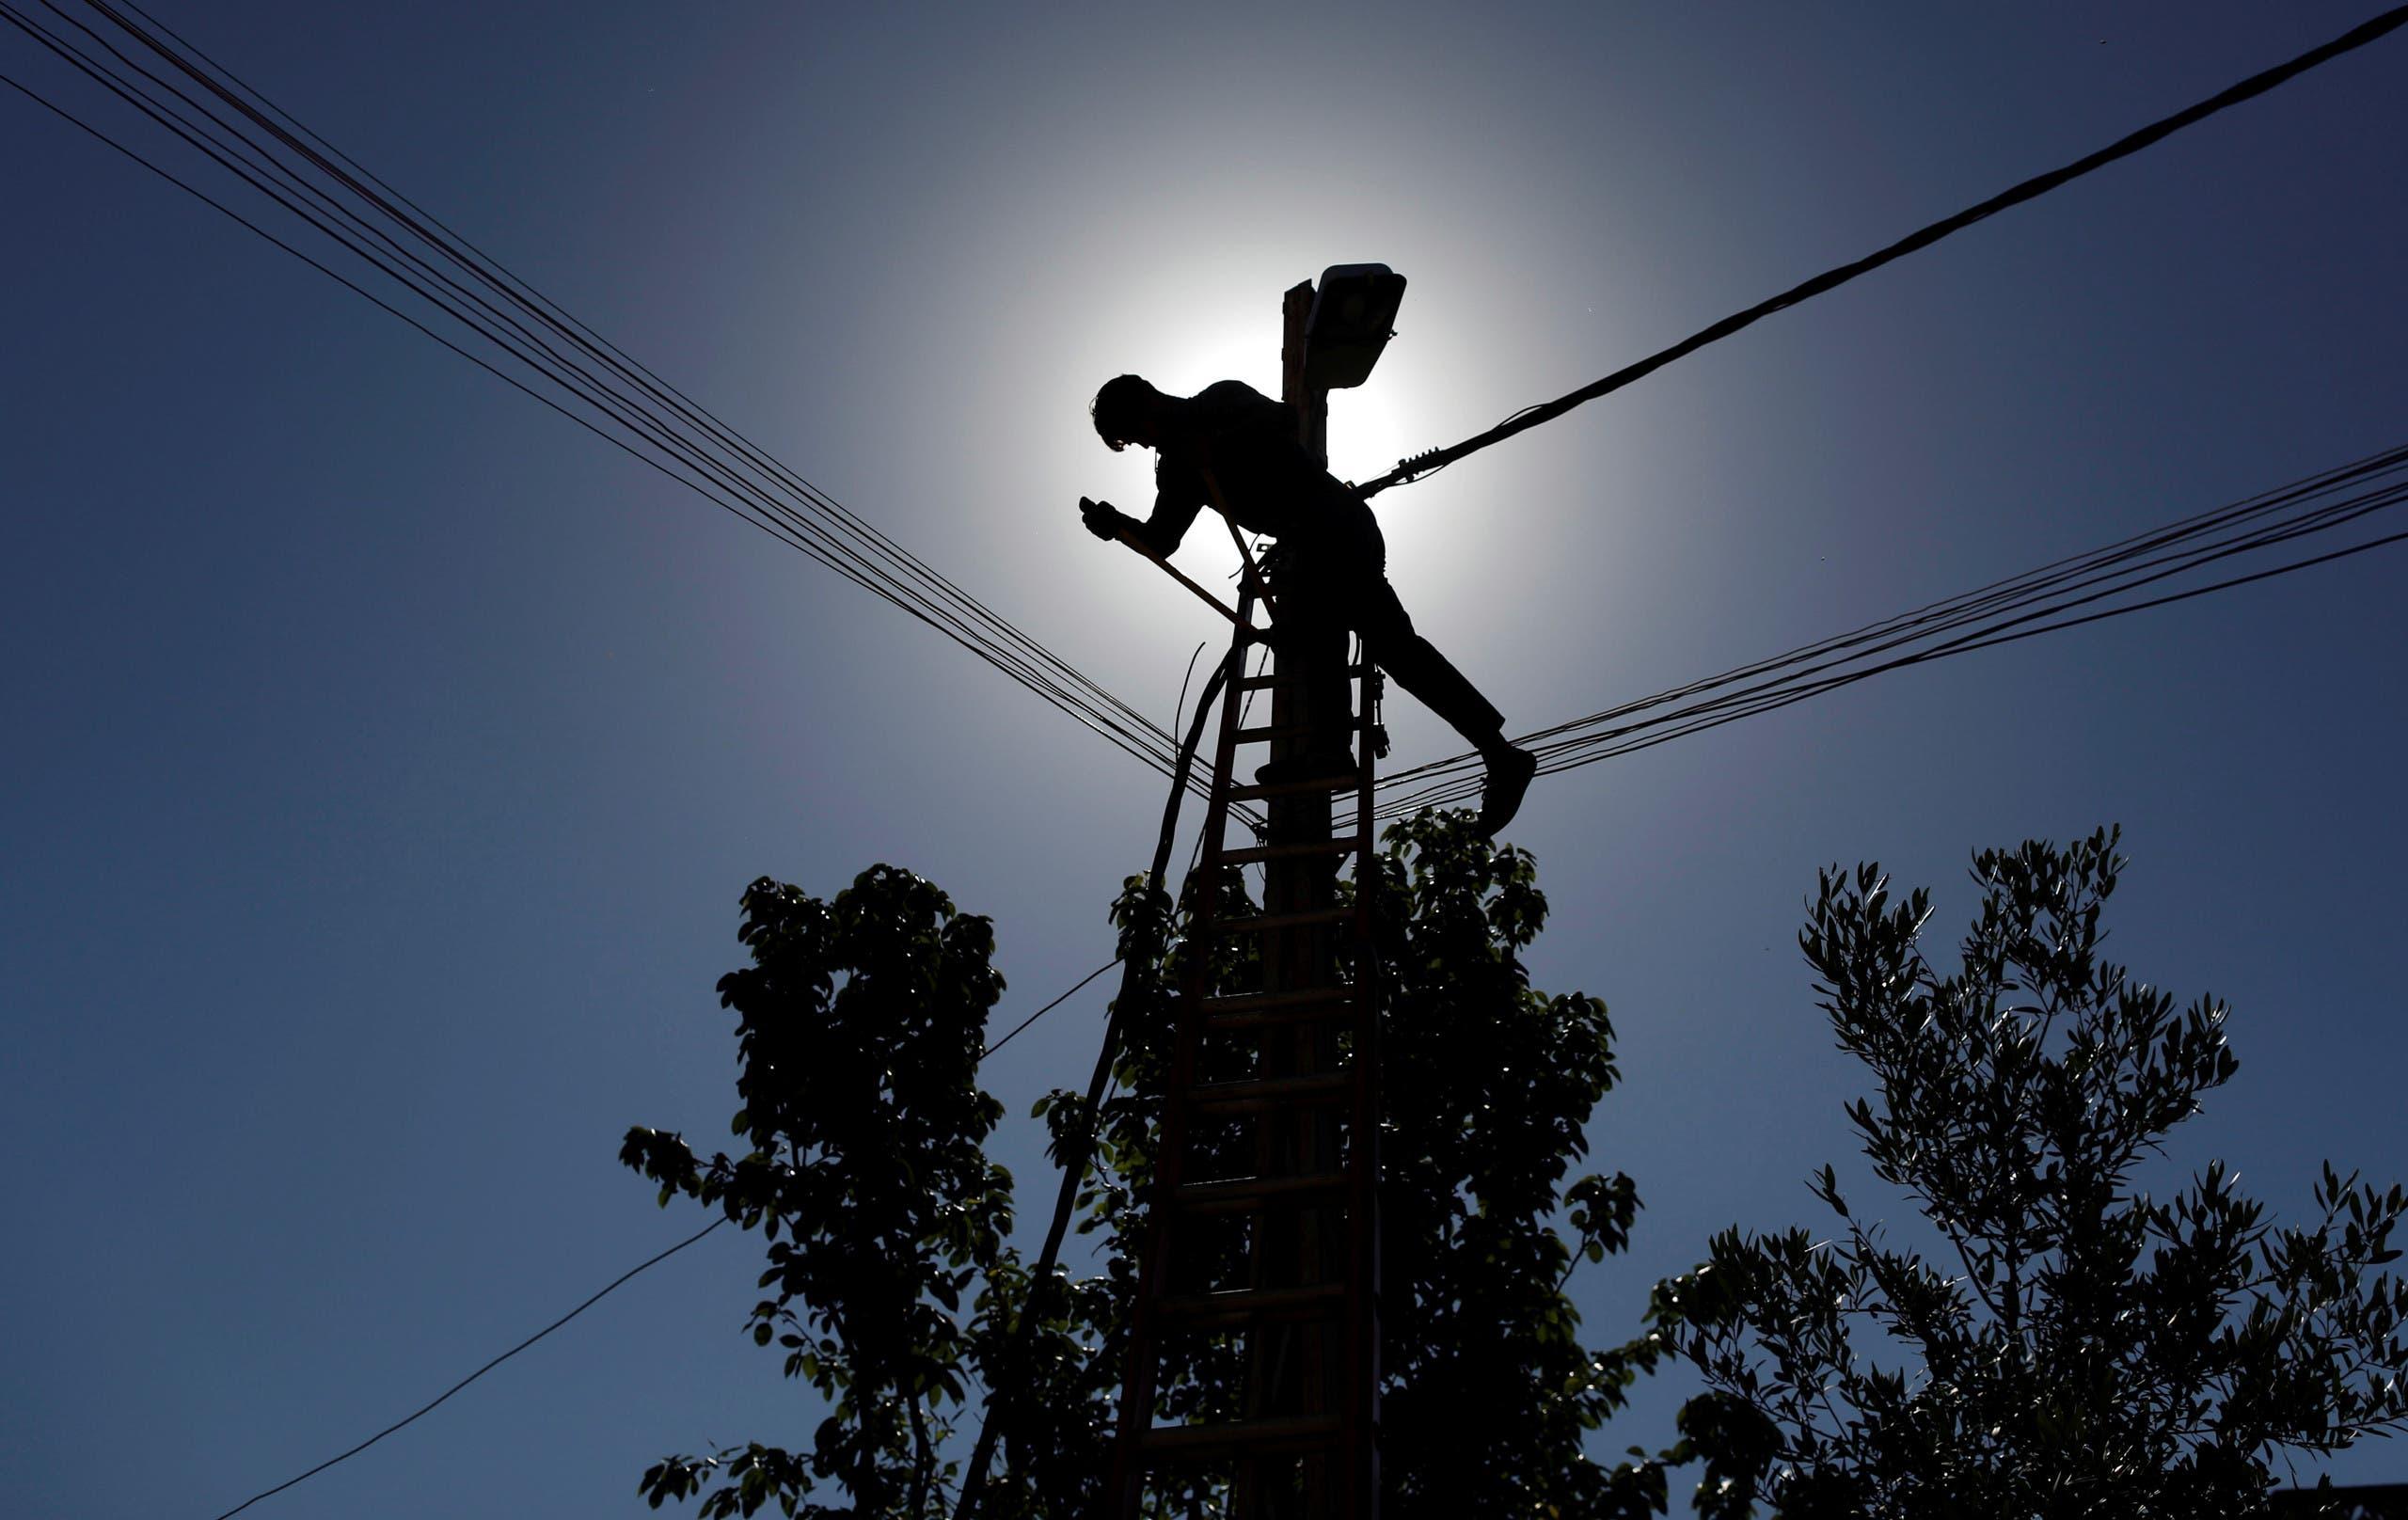 برج للطاقة في العراق (تعبيرية)